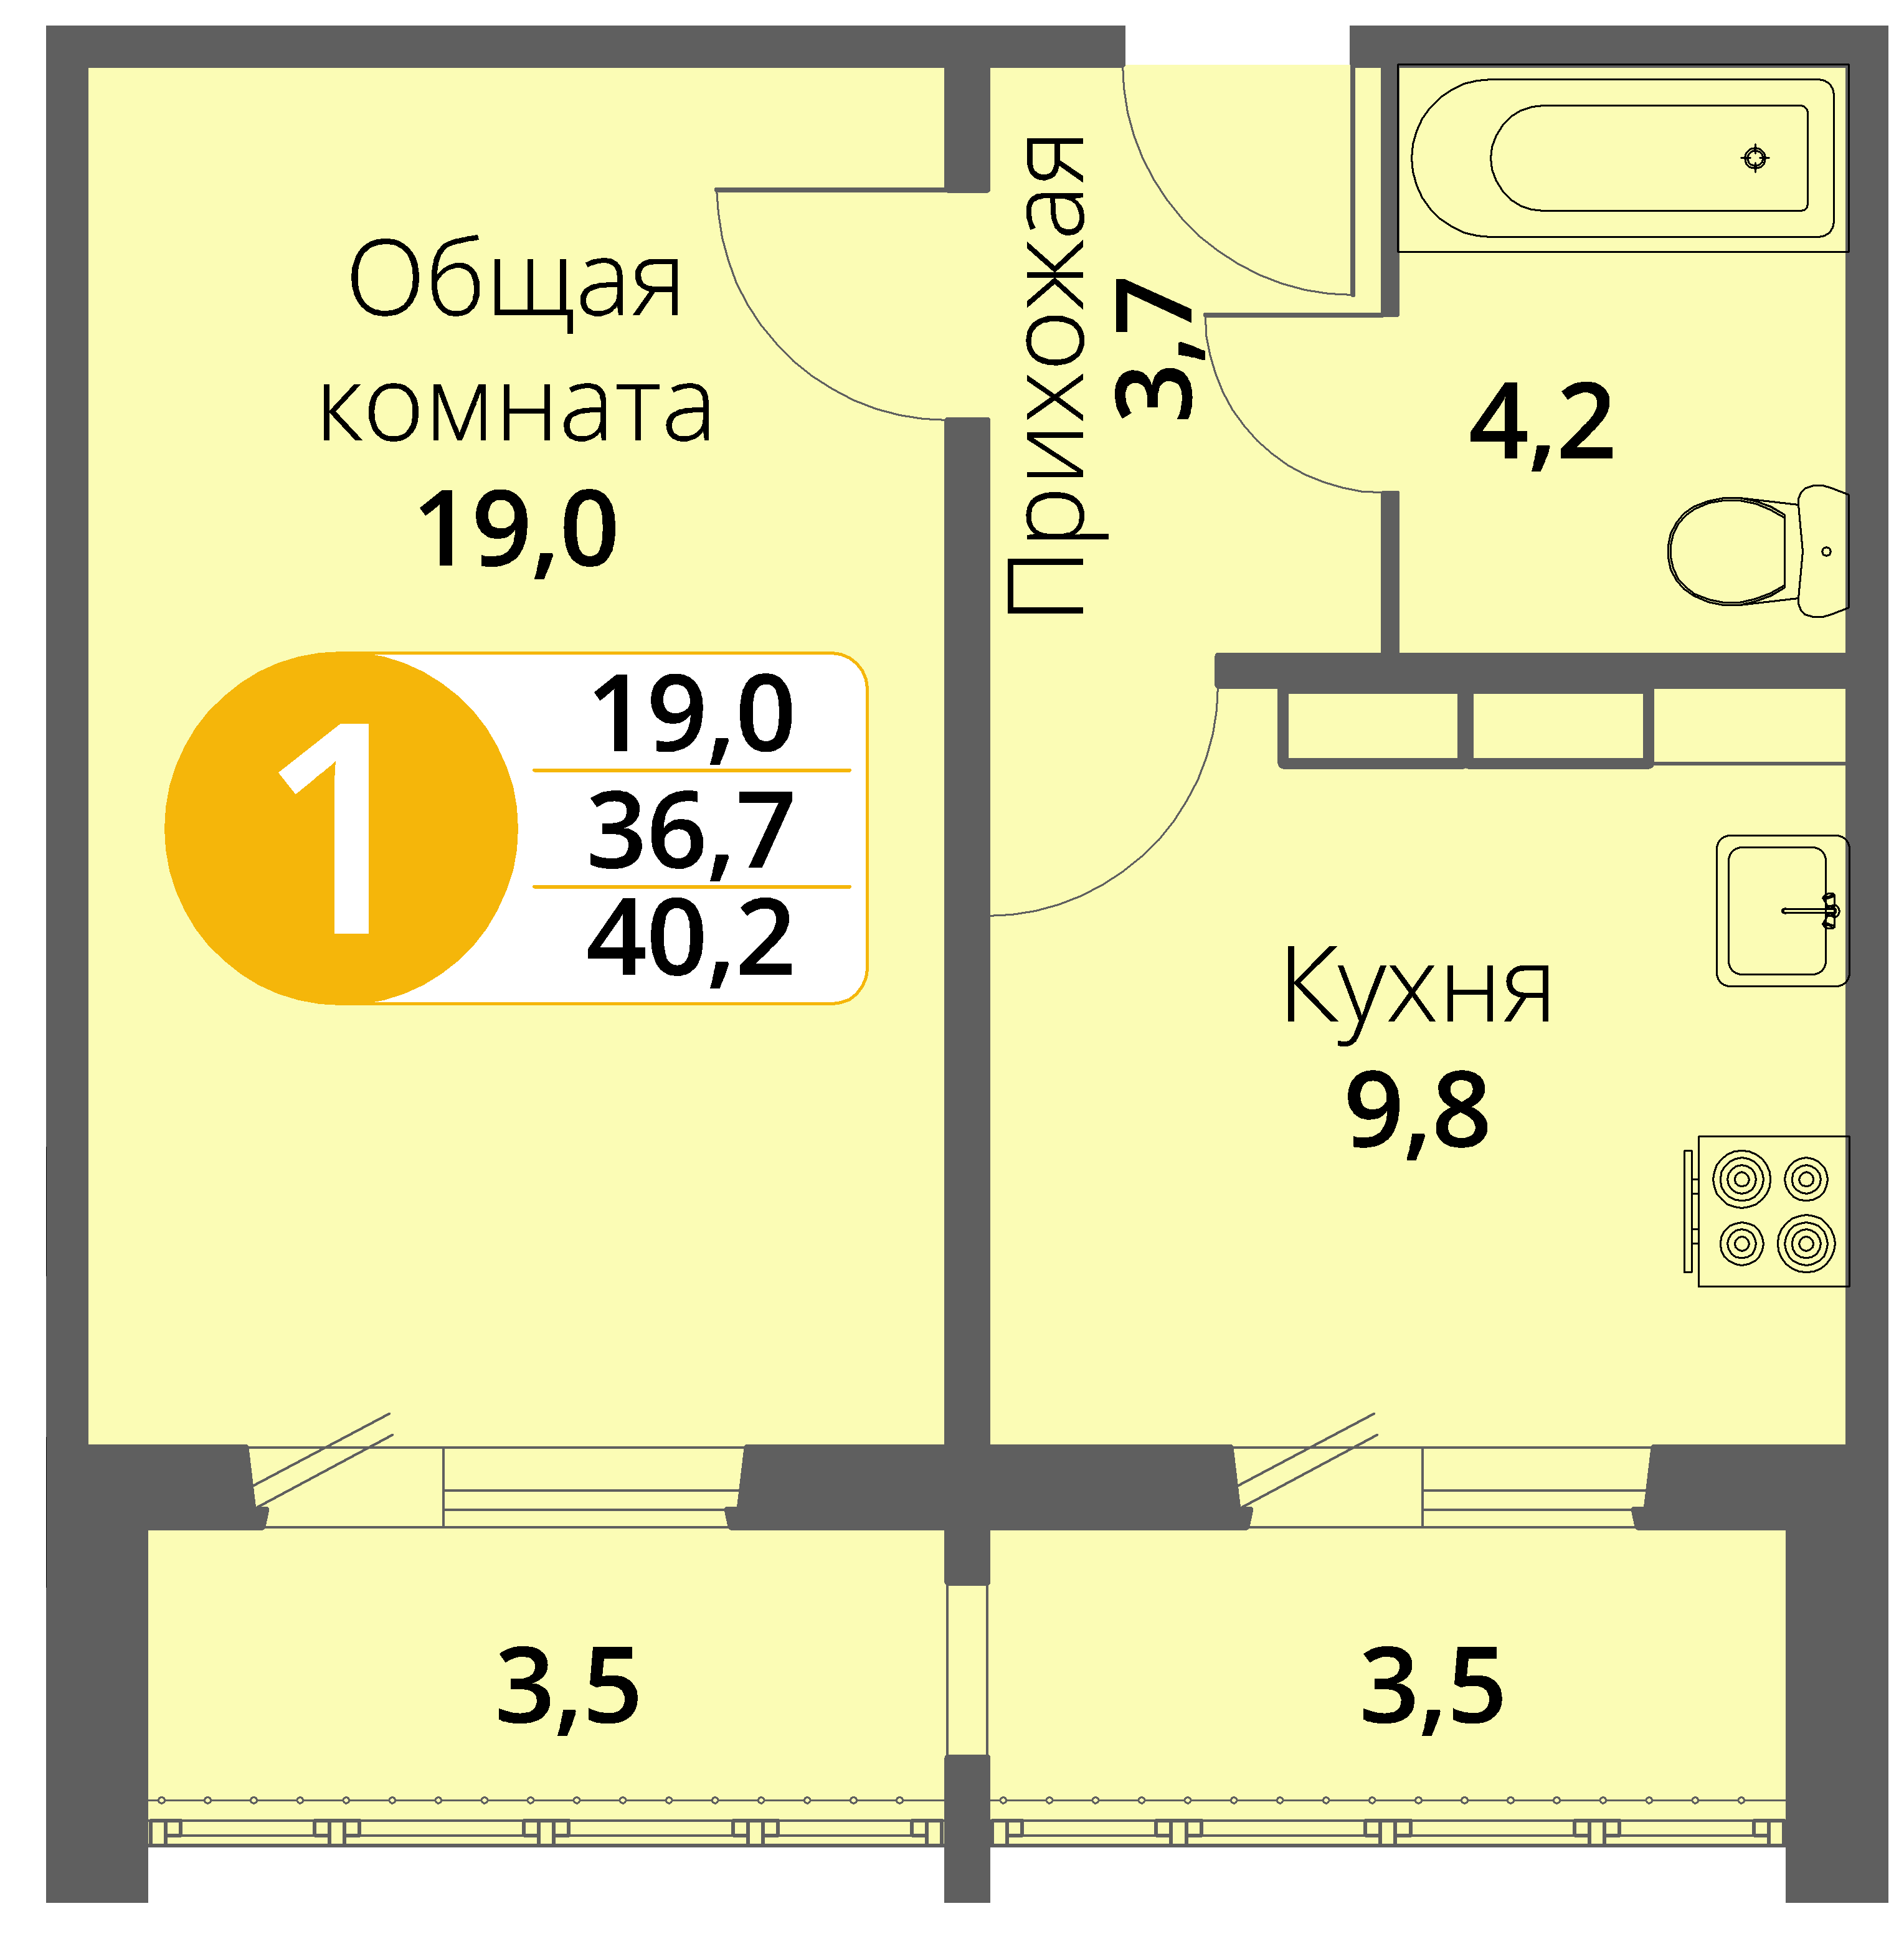 Зареченская 1-2, квартира 48 - Однокомнатная